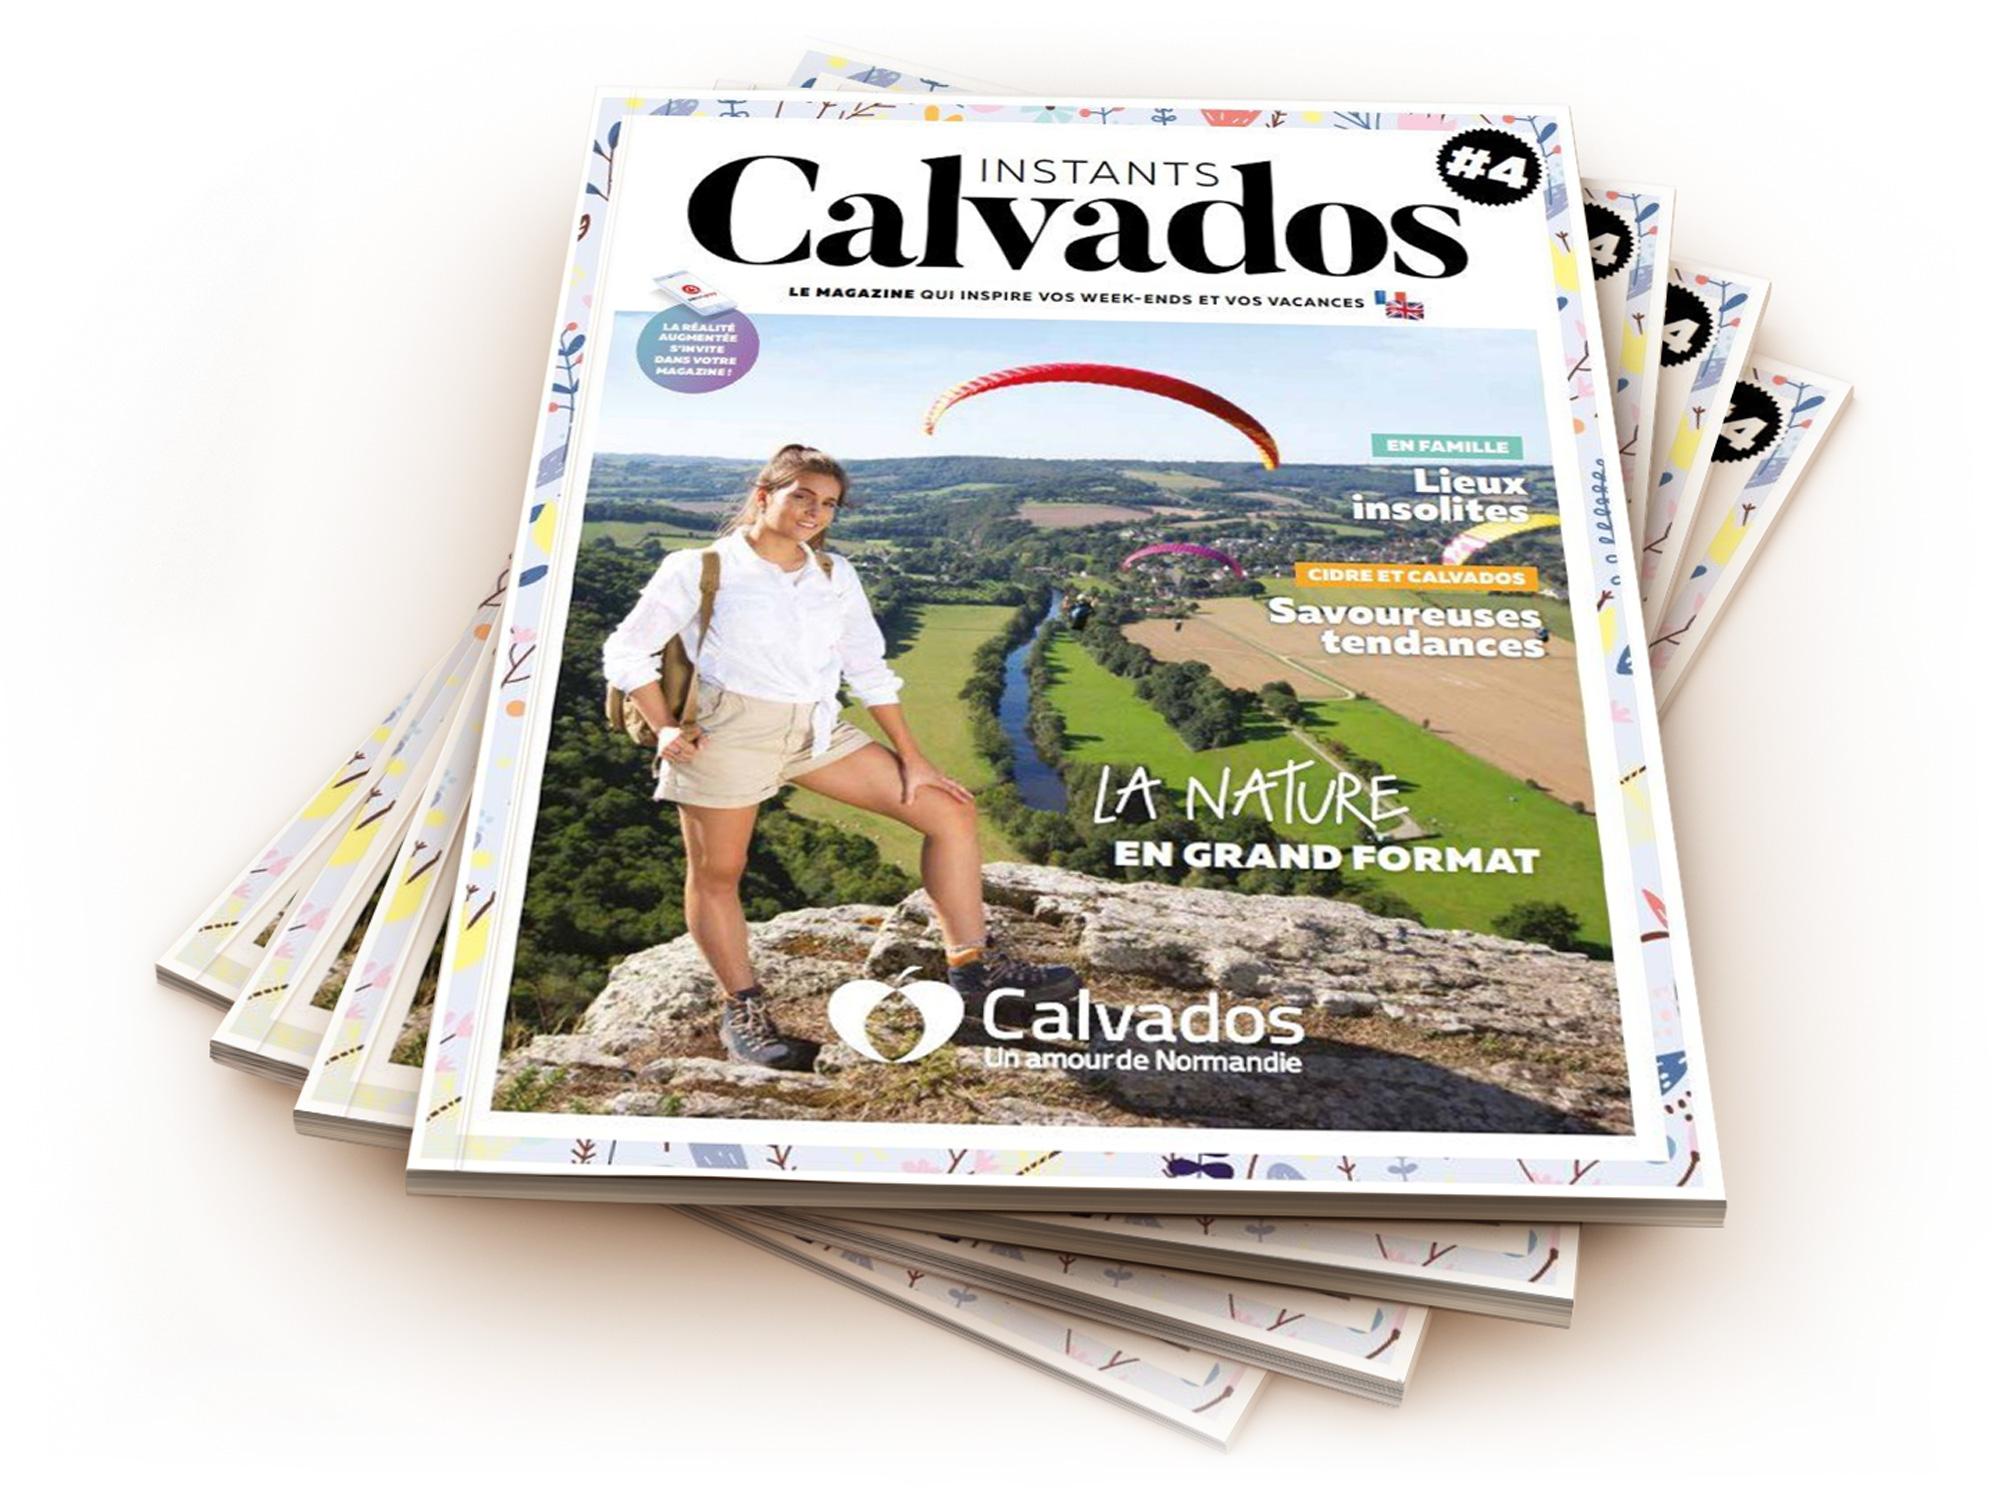 Magazine Instant Calvados réalisé par l'imprimerie NII